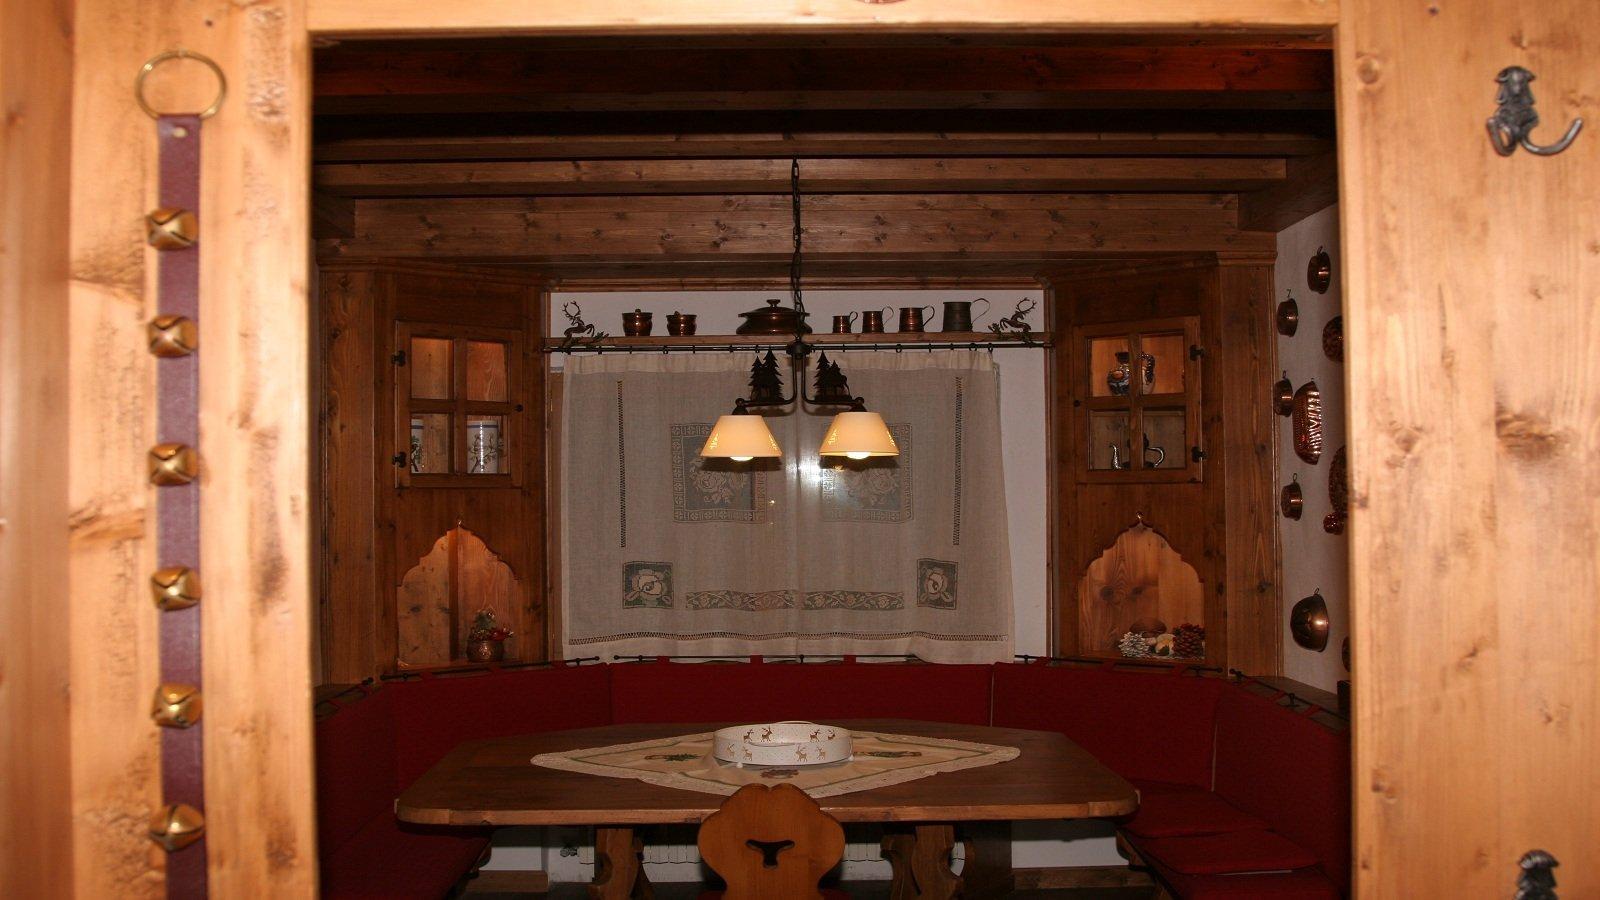 una stanza in legno con un tavolo una panca e delle luci a sospensione